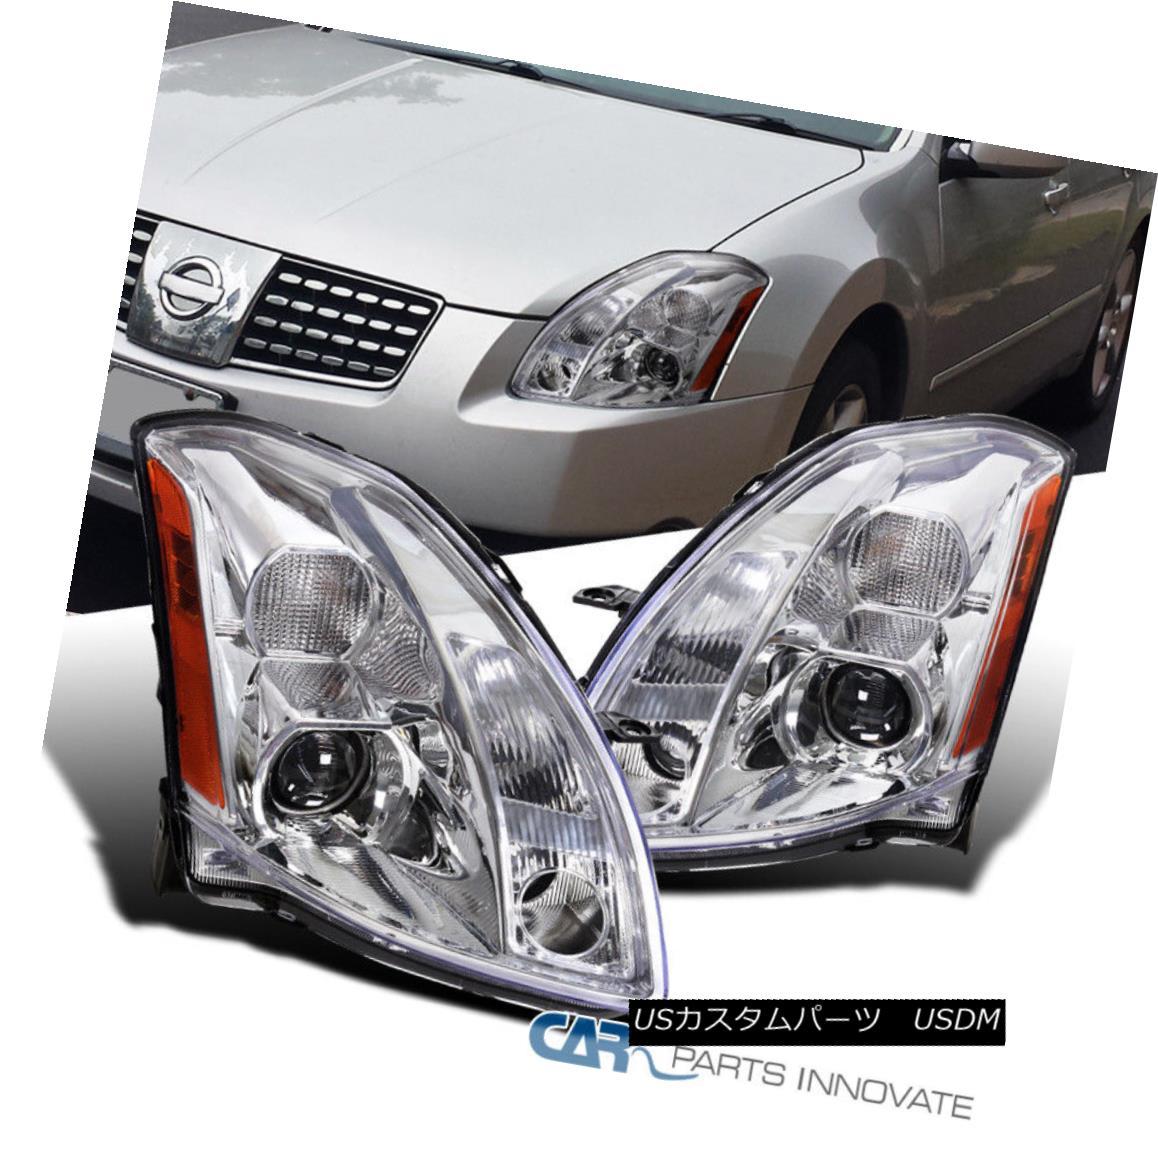 グリル For 04-06 Nissan Maxima Clear Projector Headlights Replacement Head Lamps Pair 04-06日産マキシマクリアプロジェクターヘッドライト交換ヘッドランプペア